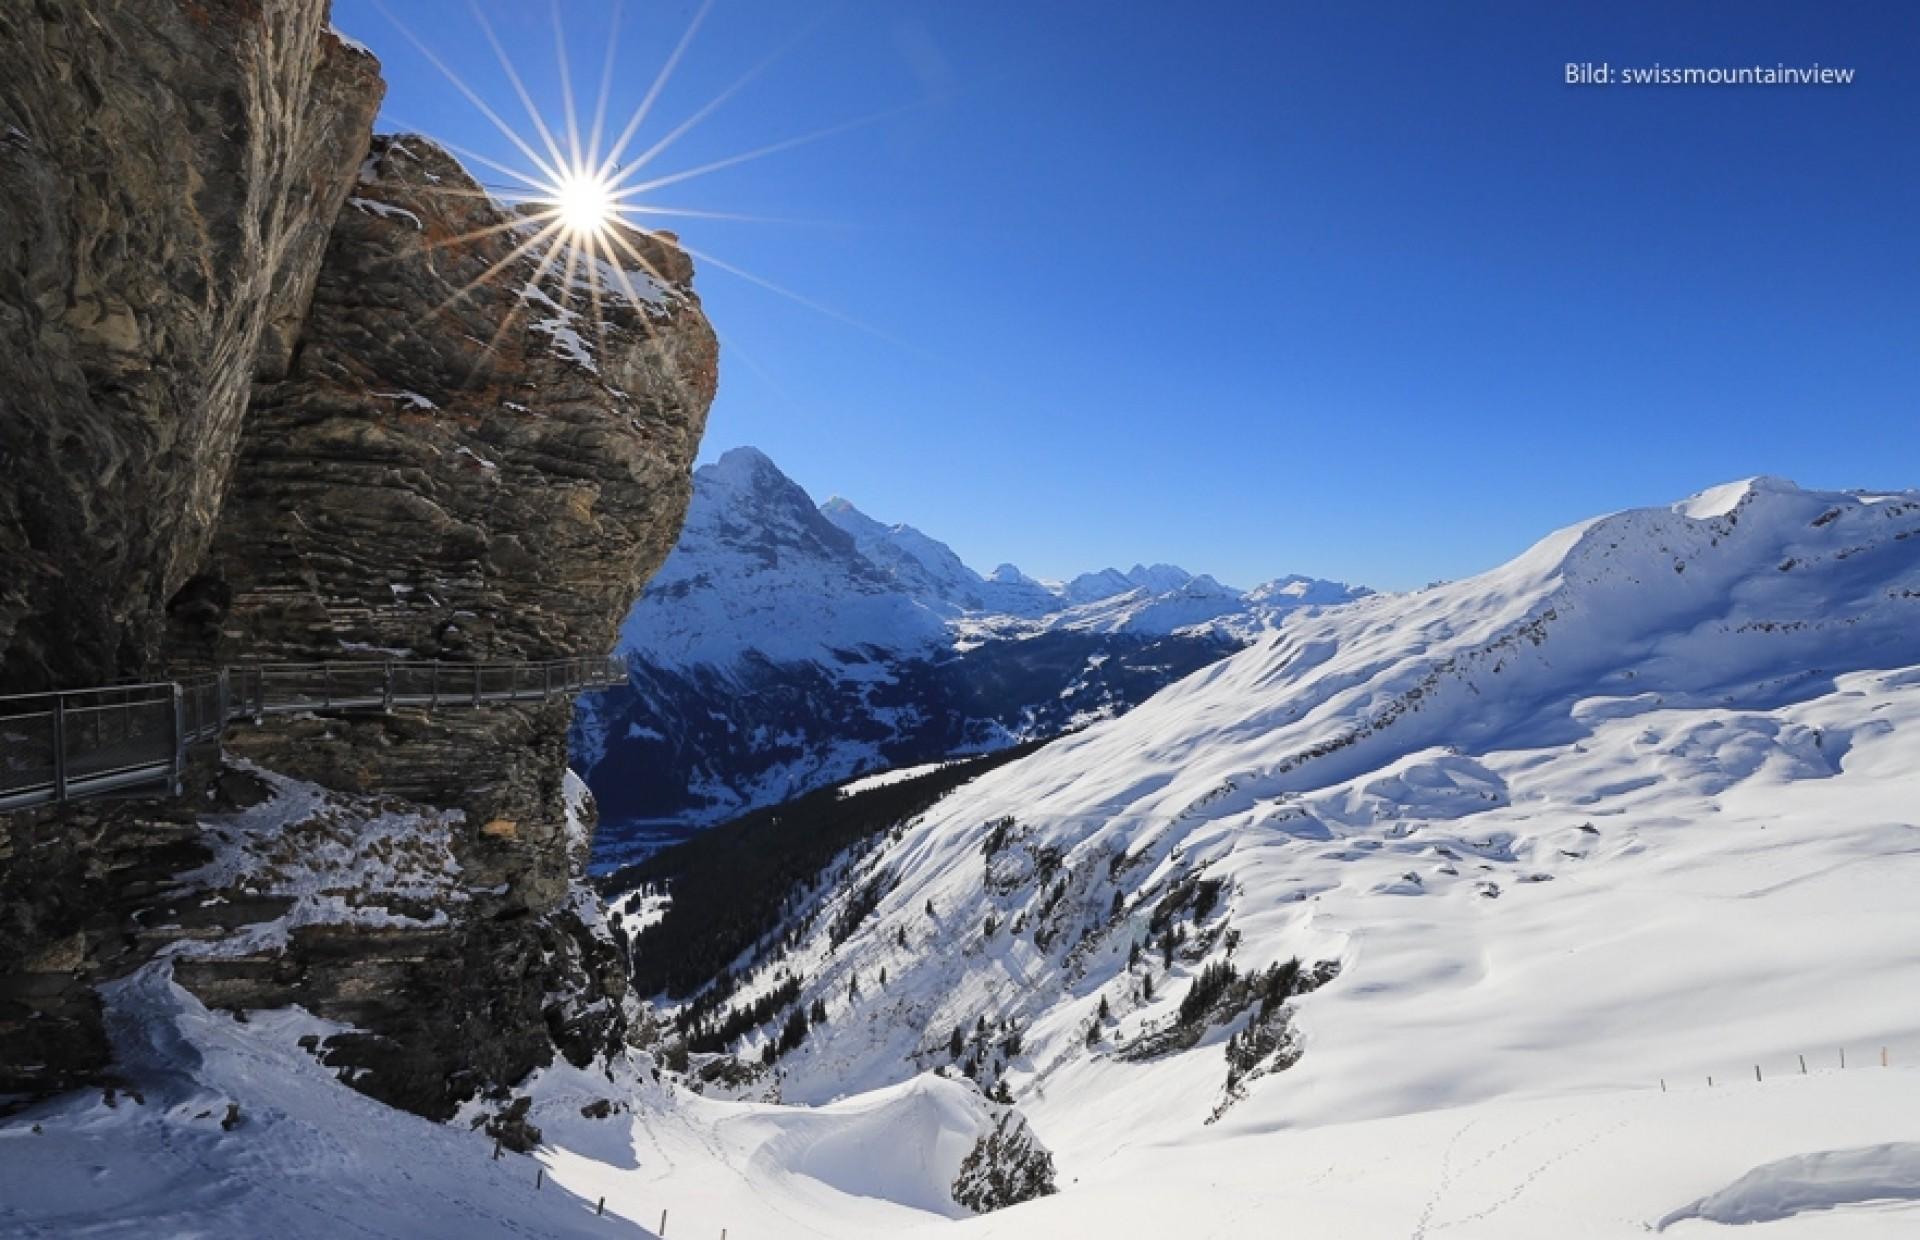 Top of Adventure Landschafts- und Actionfotografie in Grindelwald First - Canon Academy Landschaft- und Reise